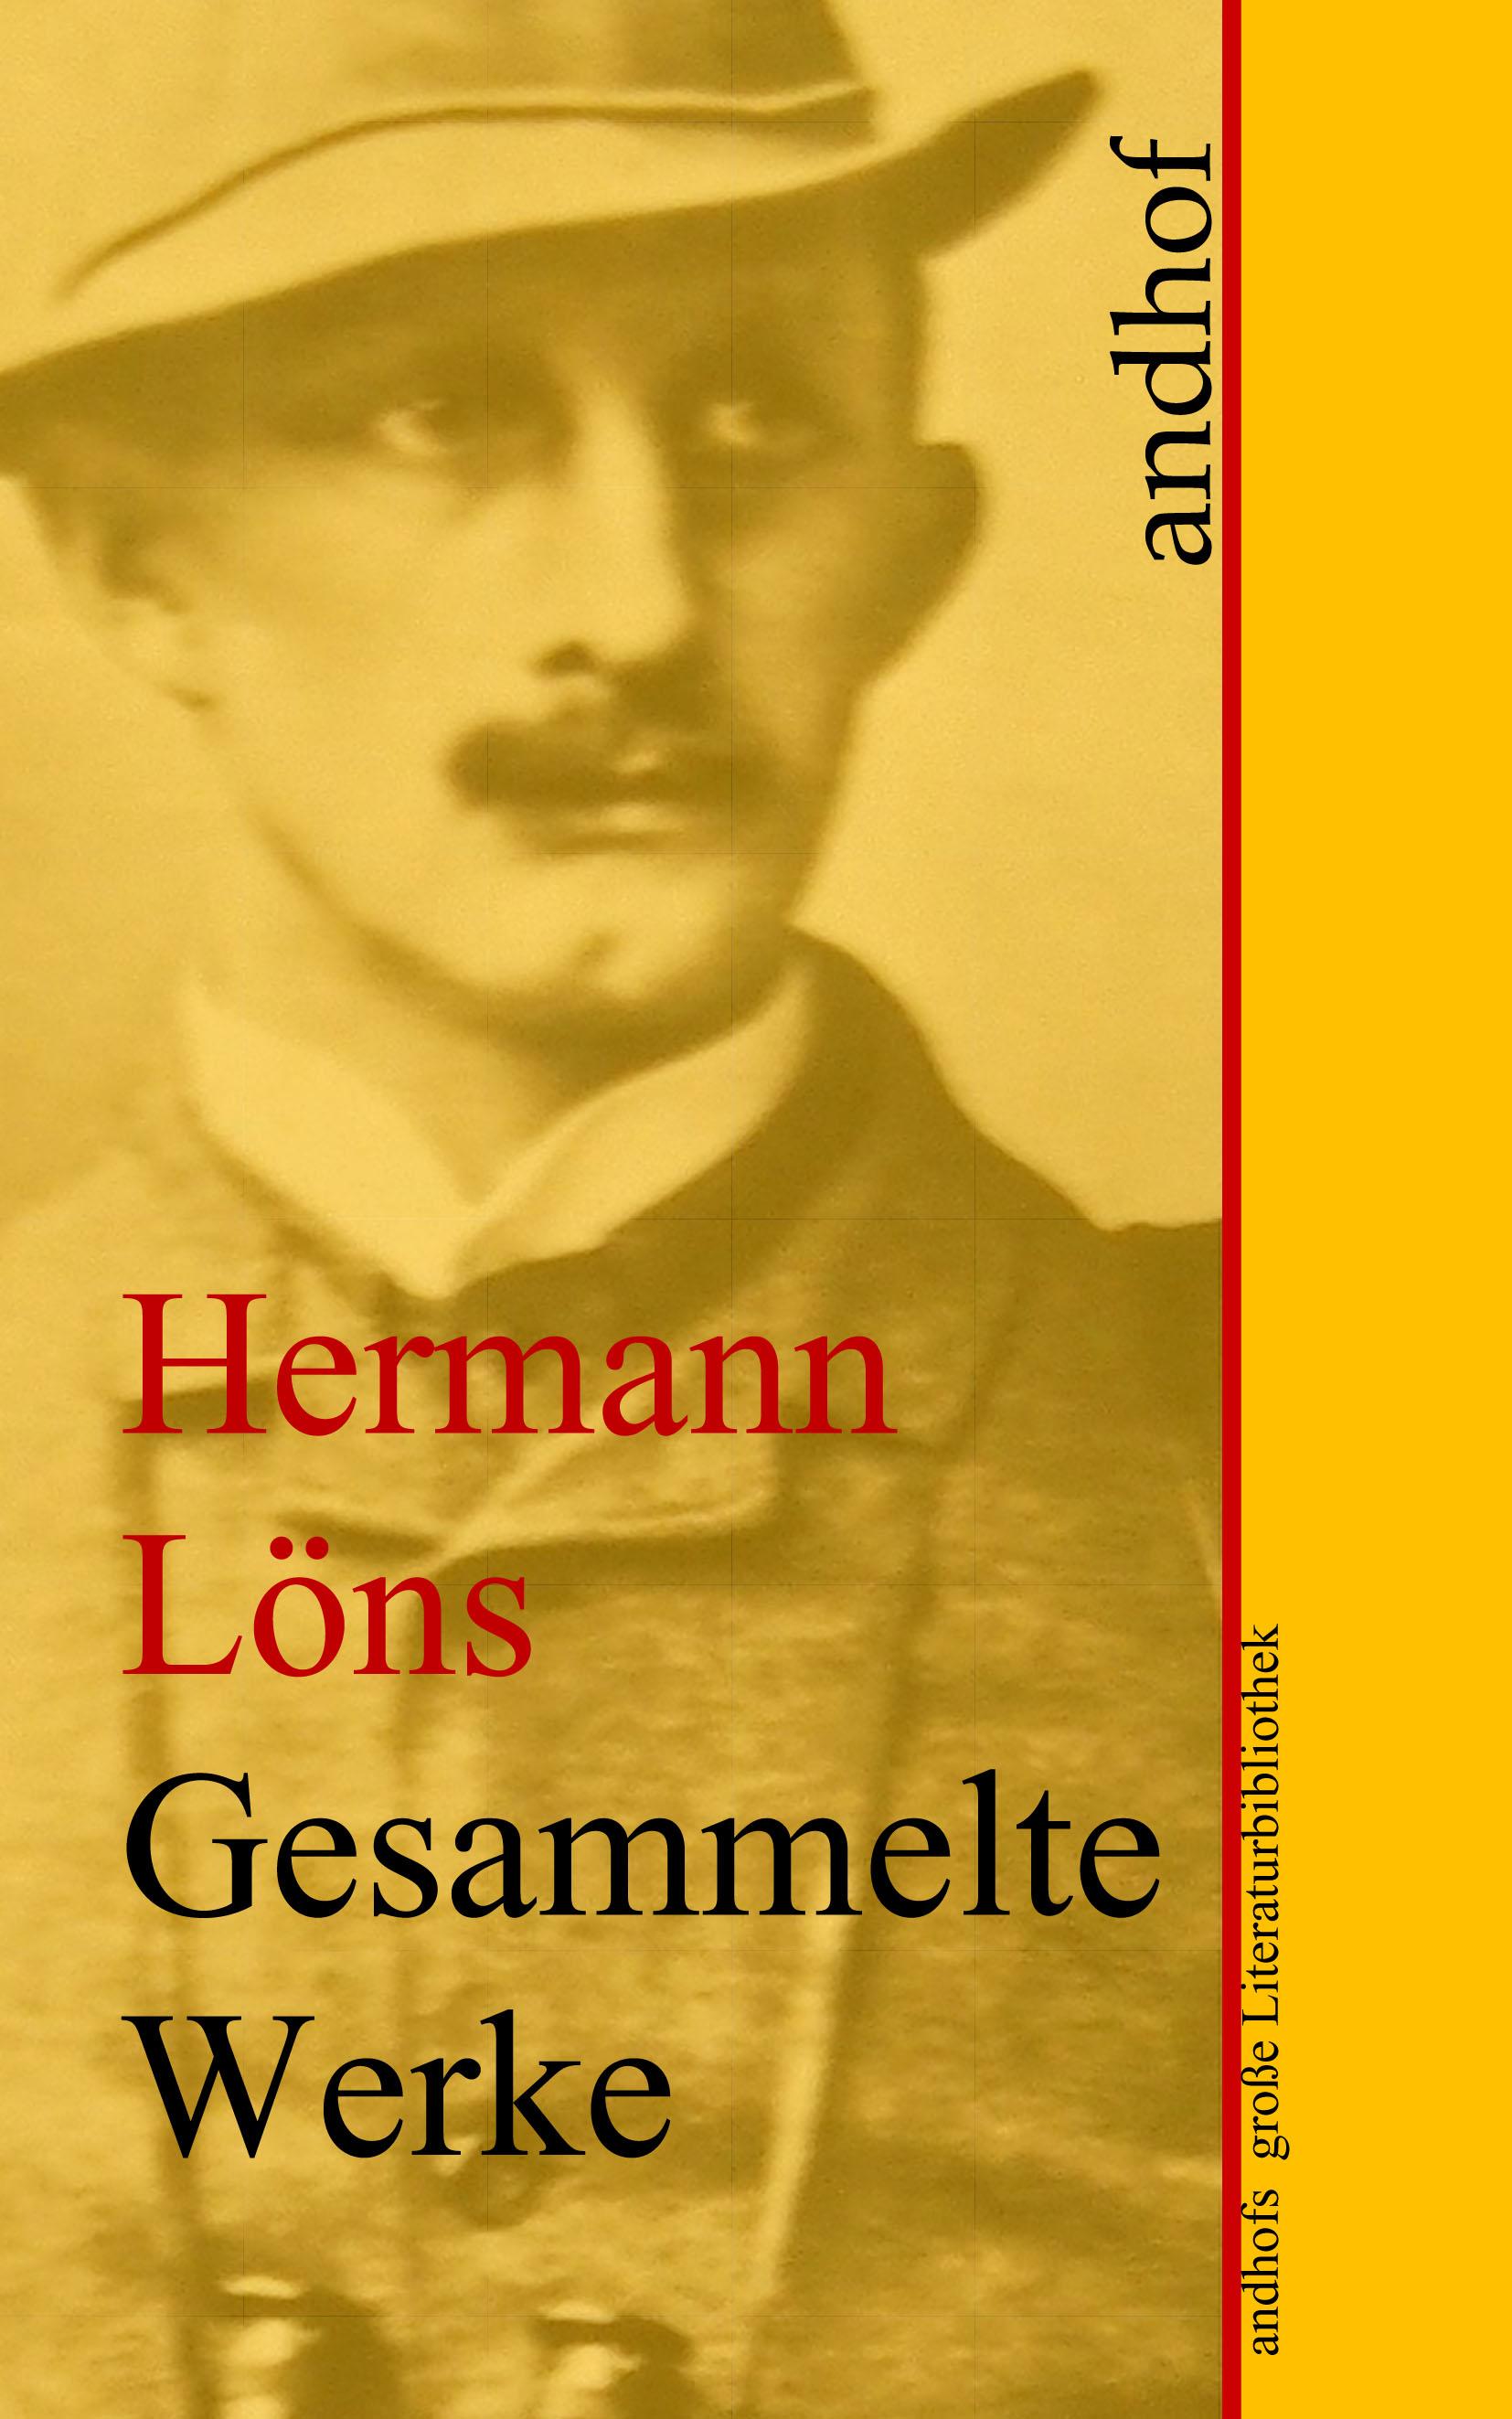 Löns Hermann Hermann Löns: Gesammelte Werke walter georg waffenschmidt hermann eibel hermann ferdinand gerbis arbeiterschutz und rationalisierung